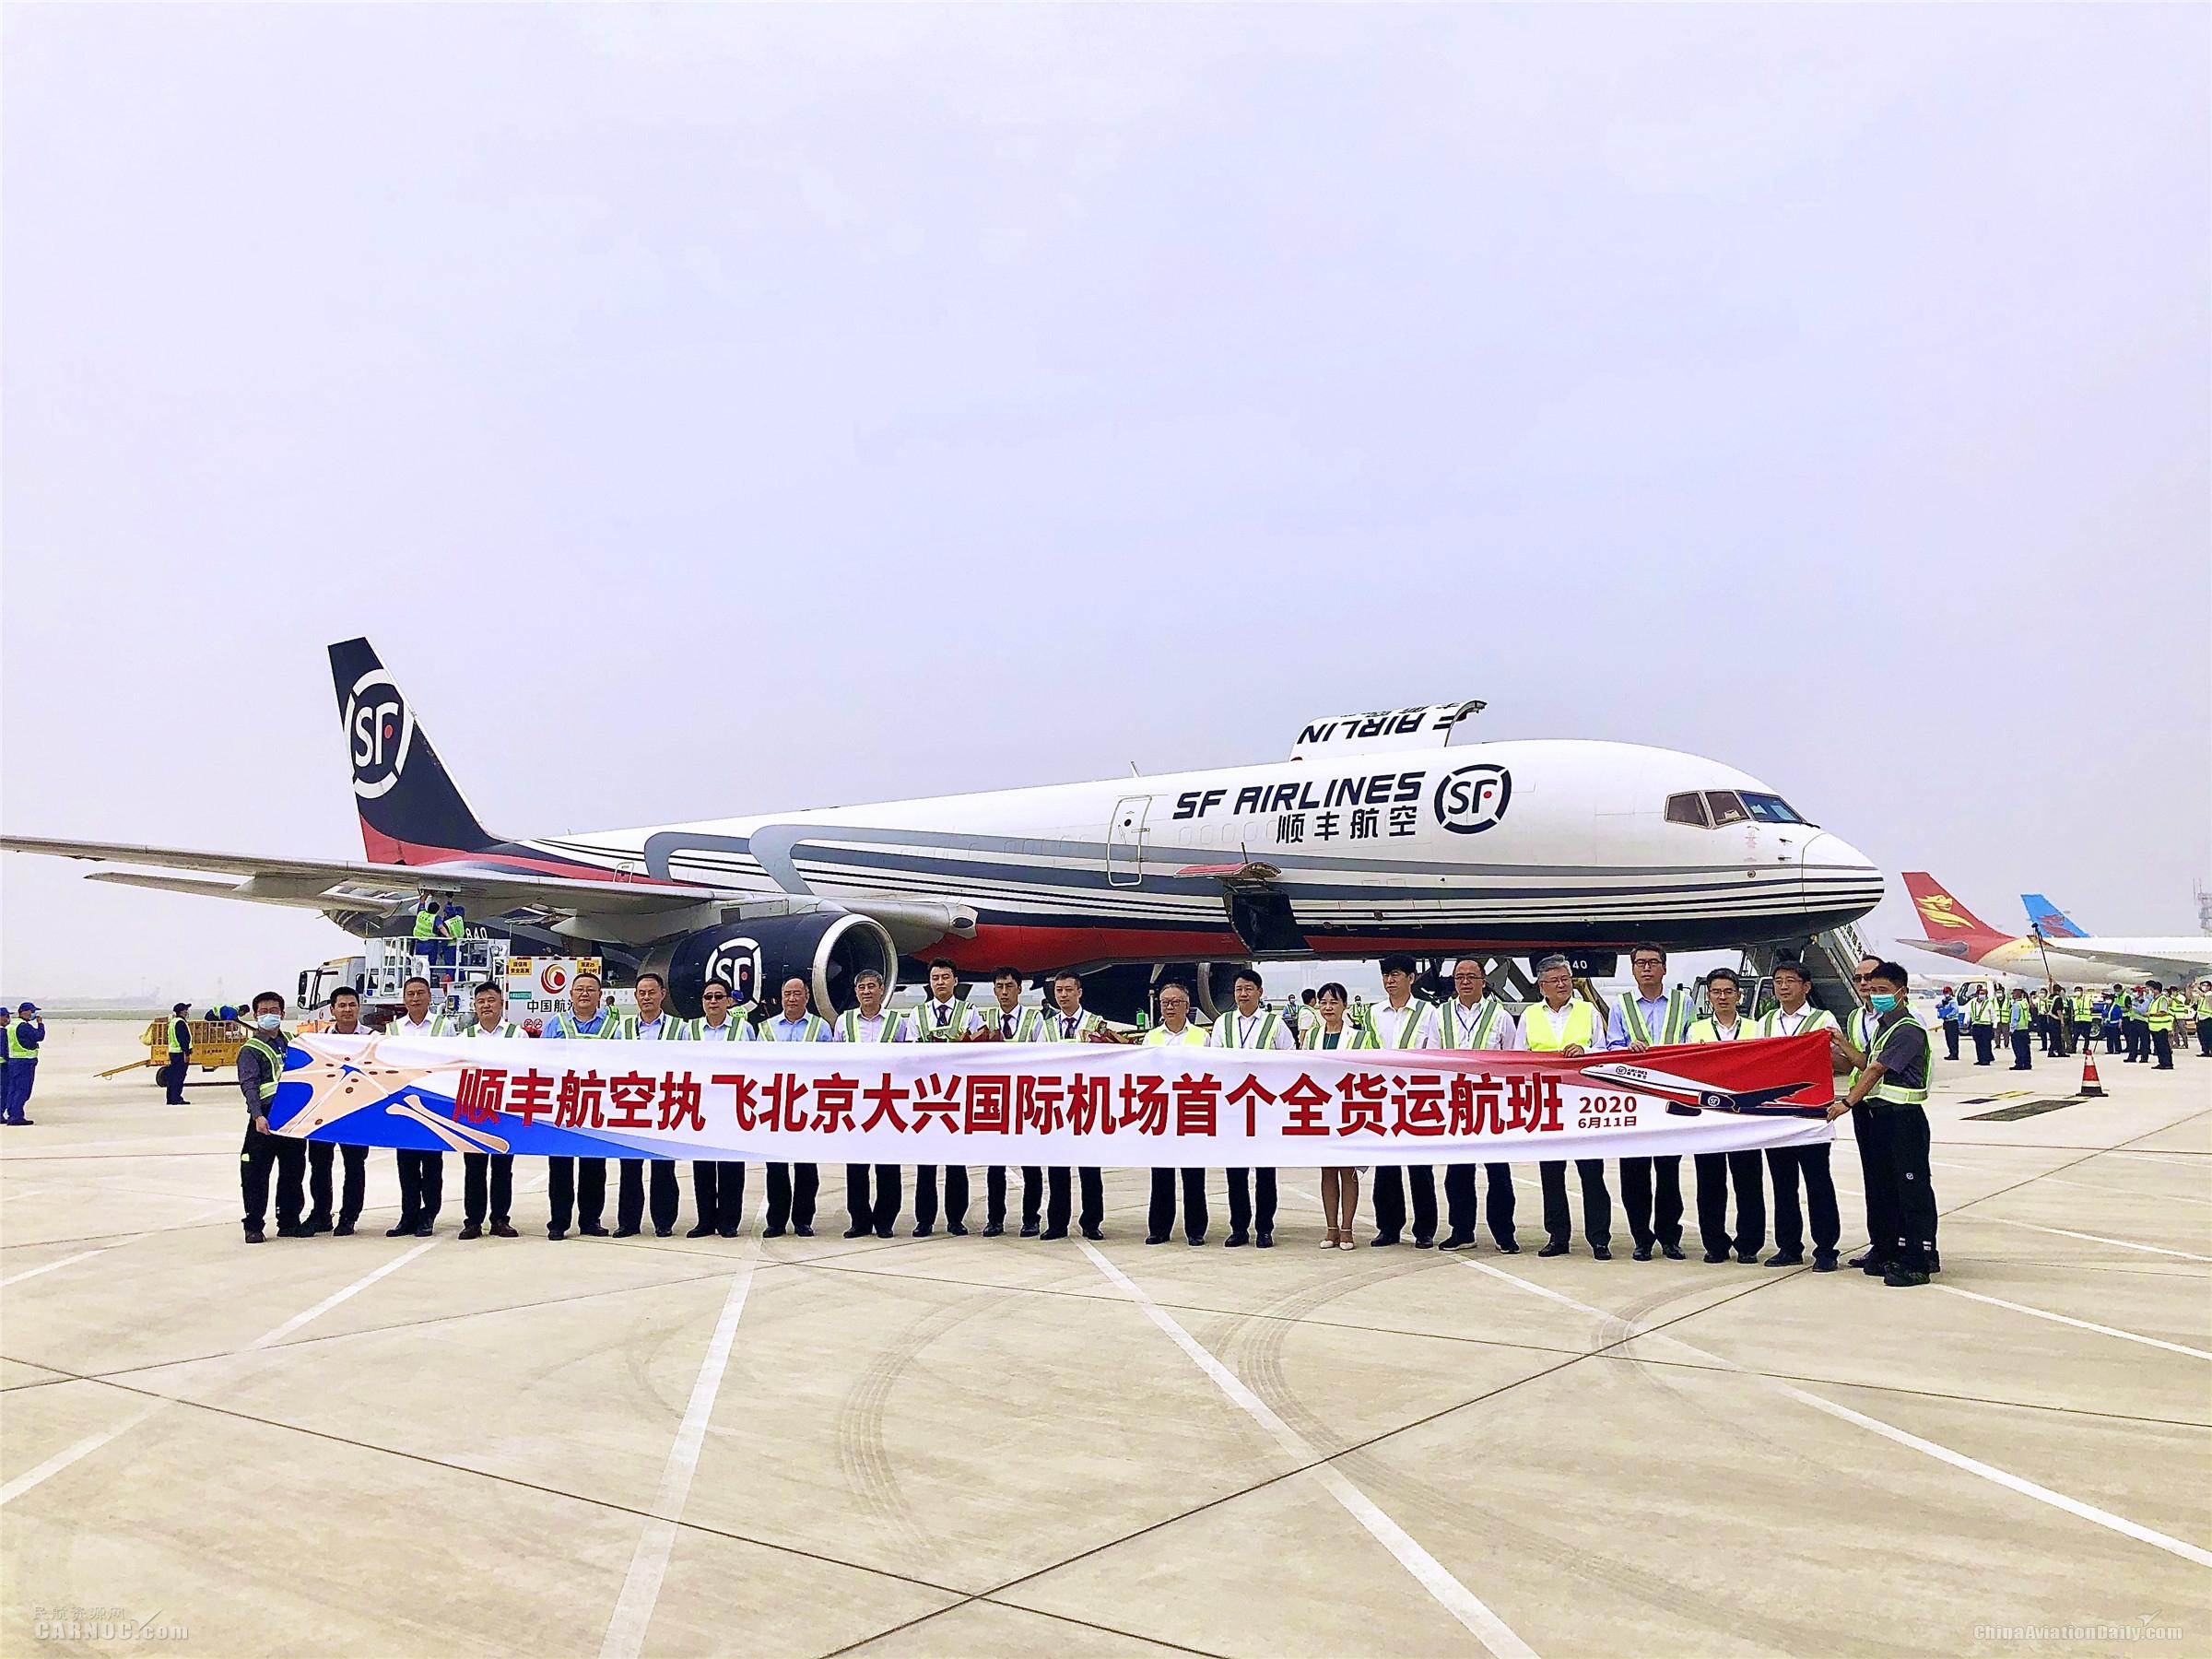 顺丰航空执飞!大兴机场迎来首个全货机航班